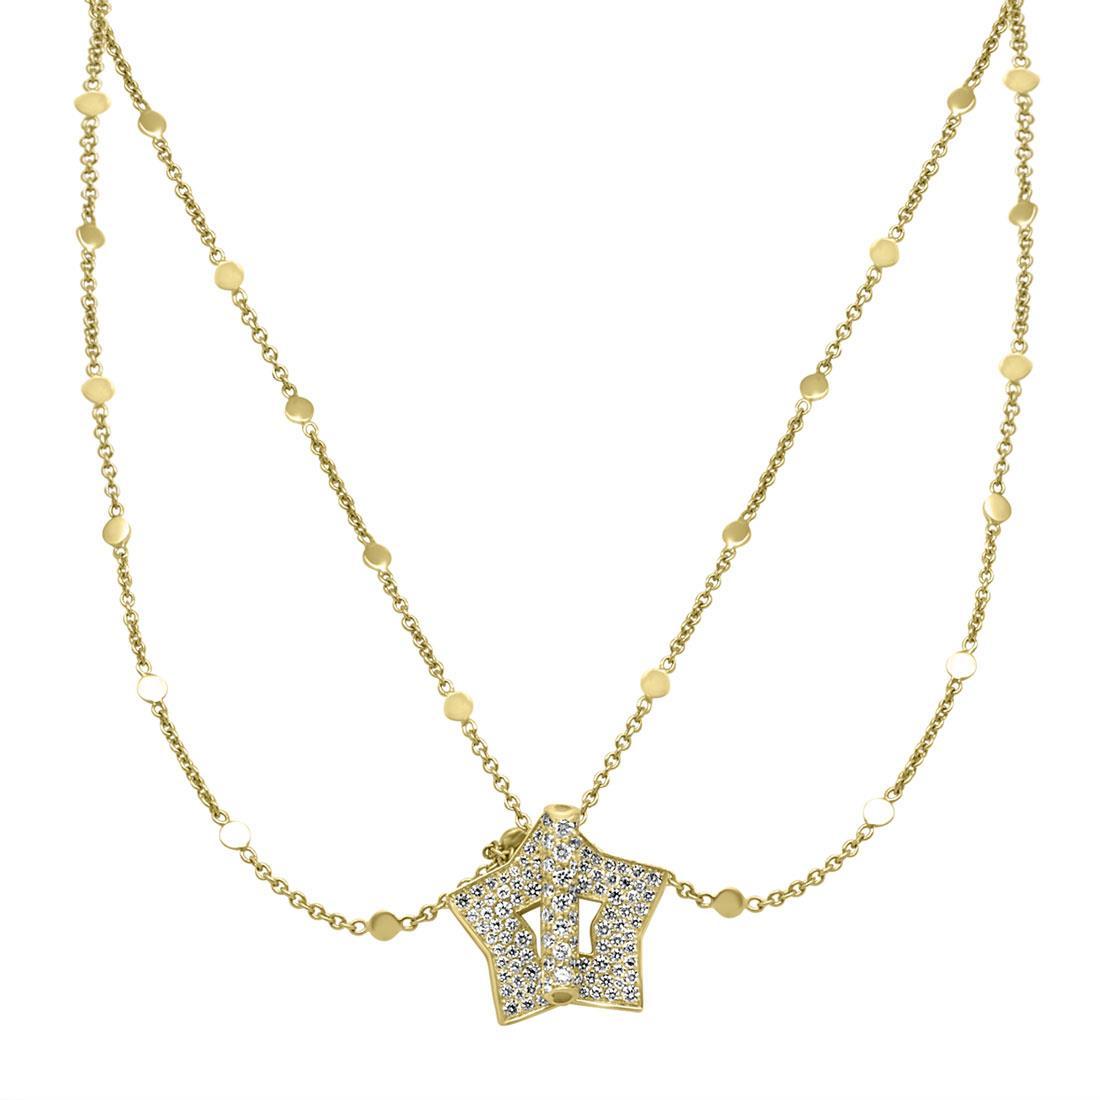 Collana in oro giallo con stella in diamanti - PASQUALE BRUNI